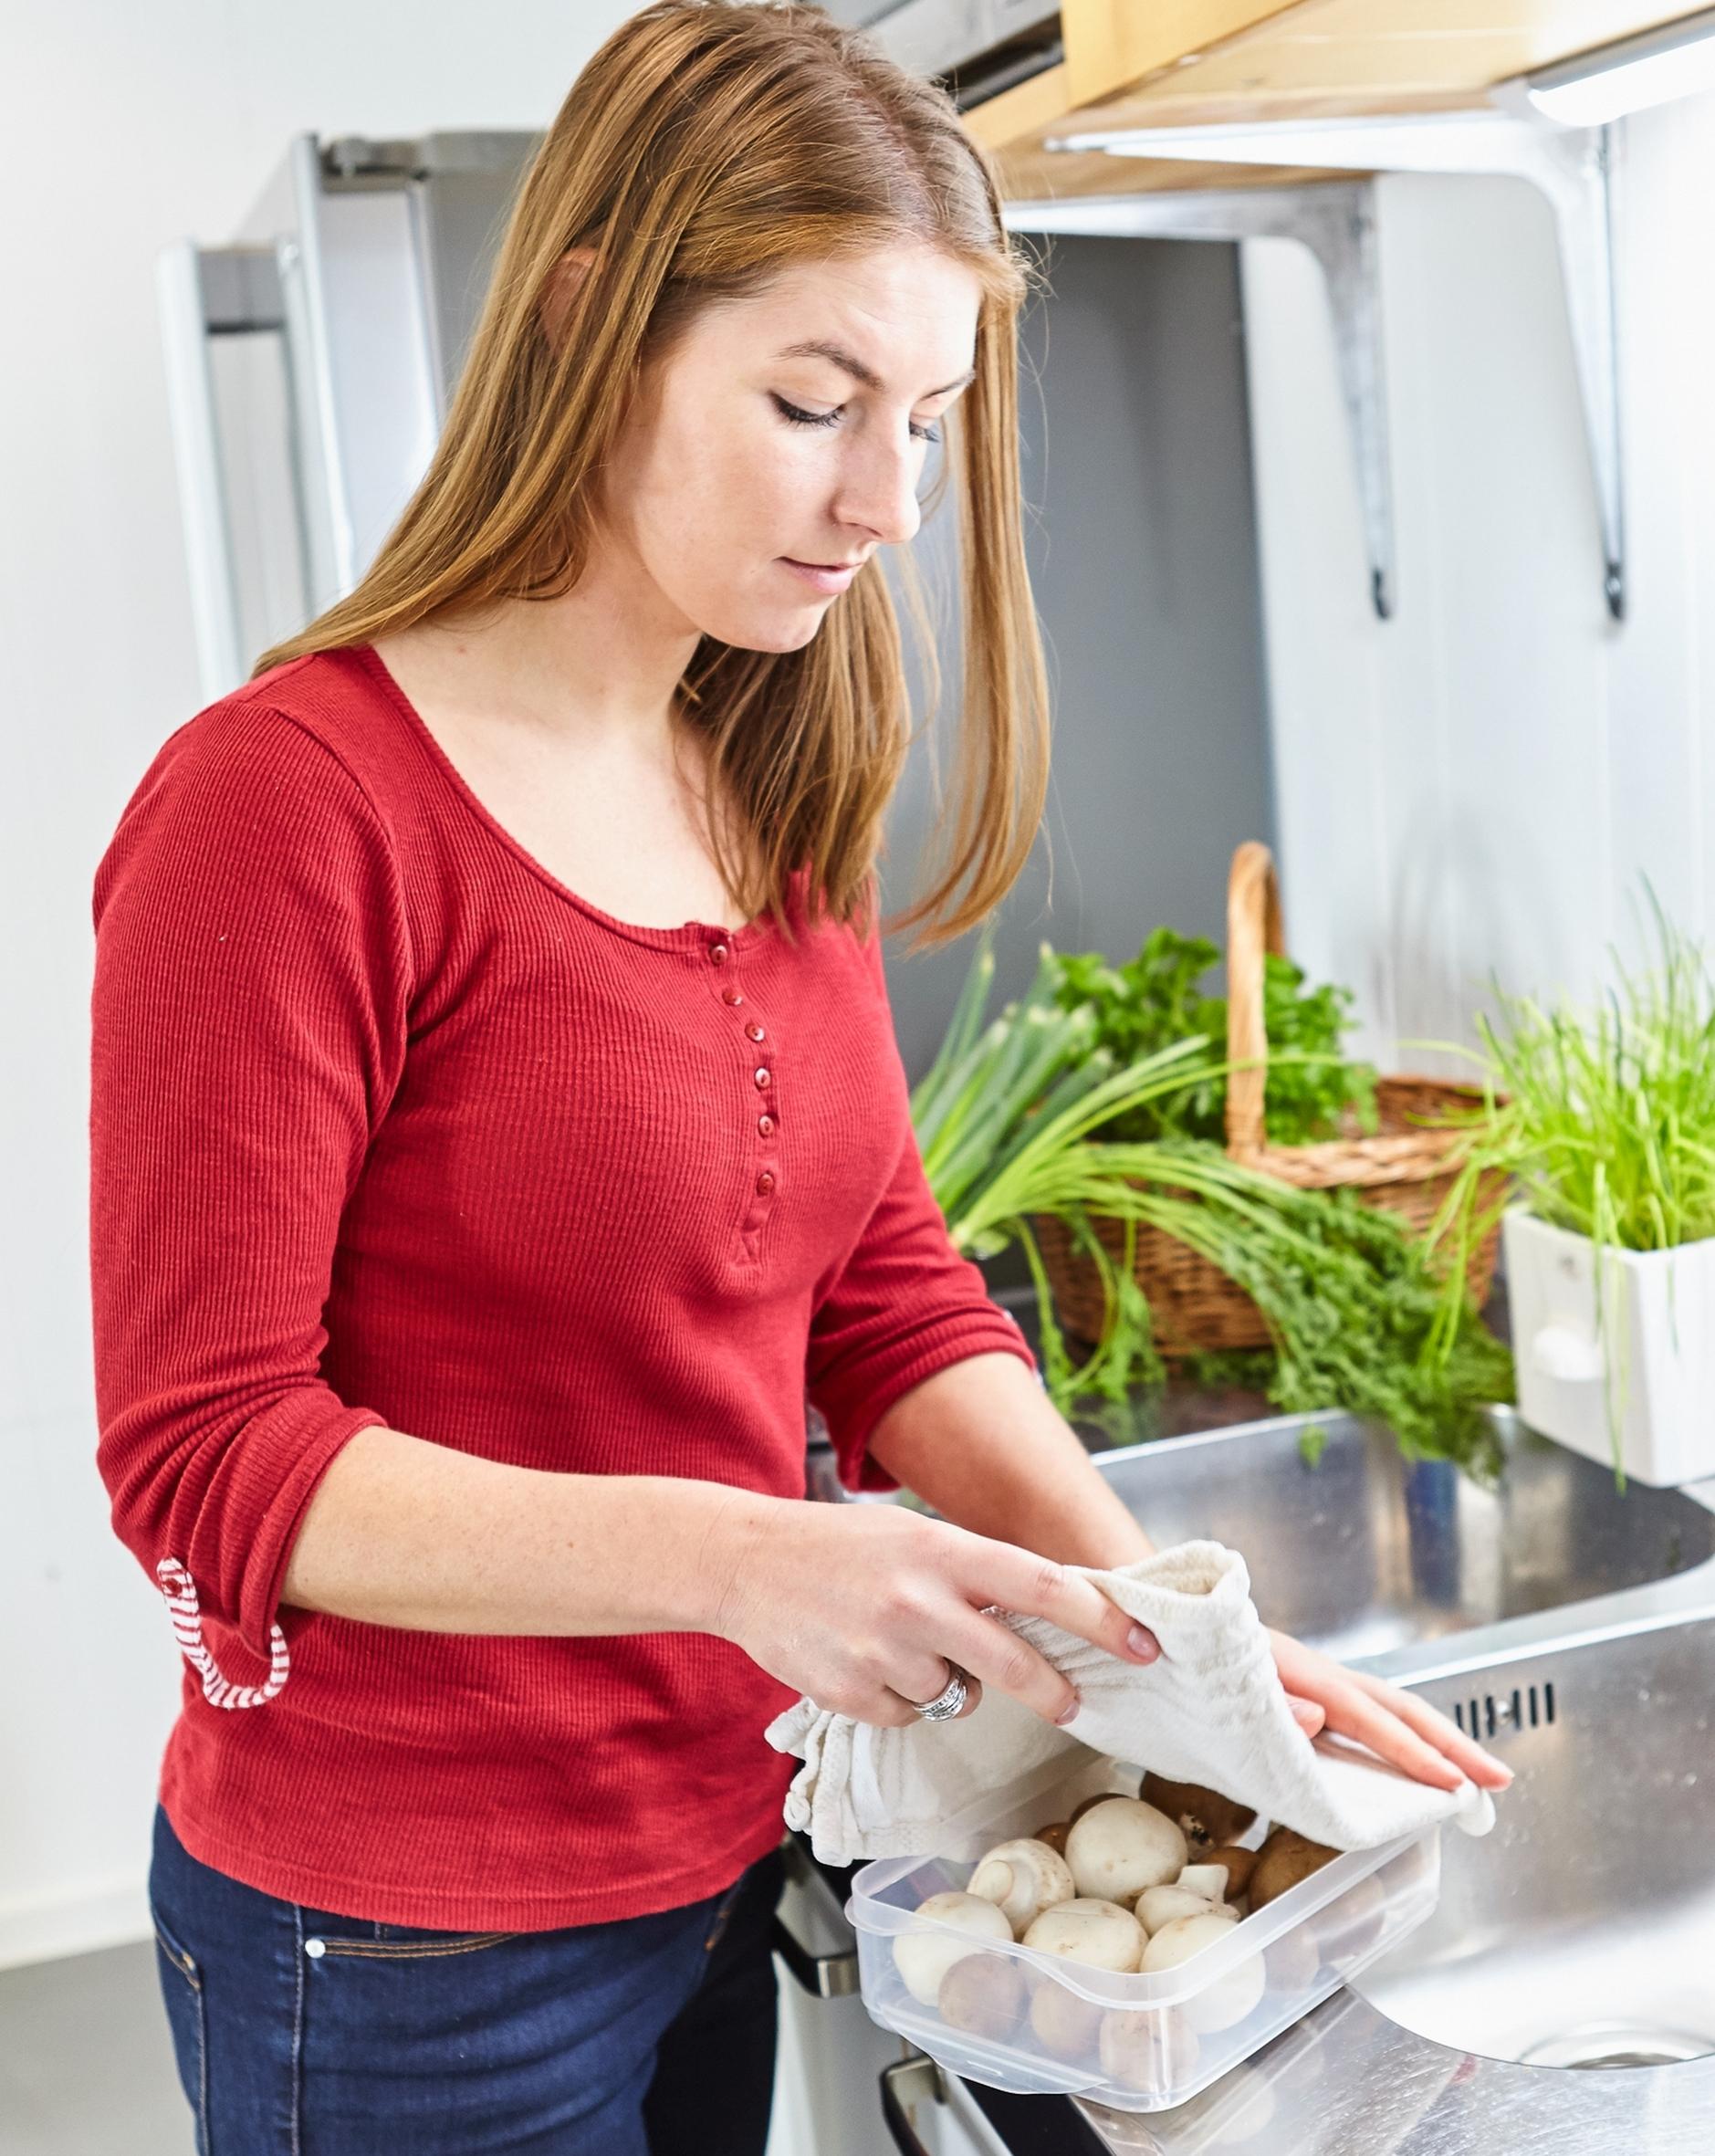 Pilze – nach dem Einkauf richtig aufbewahren